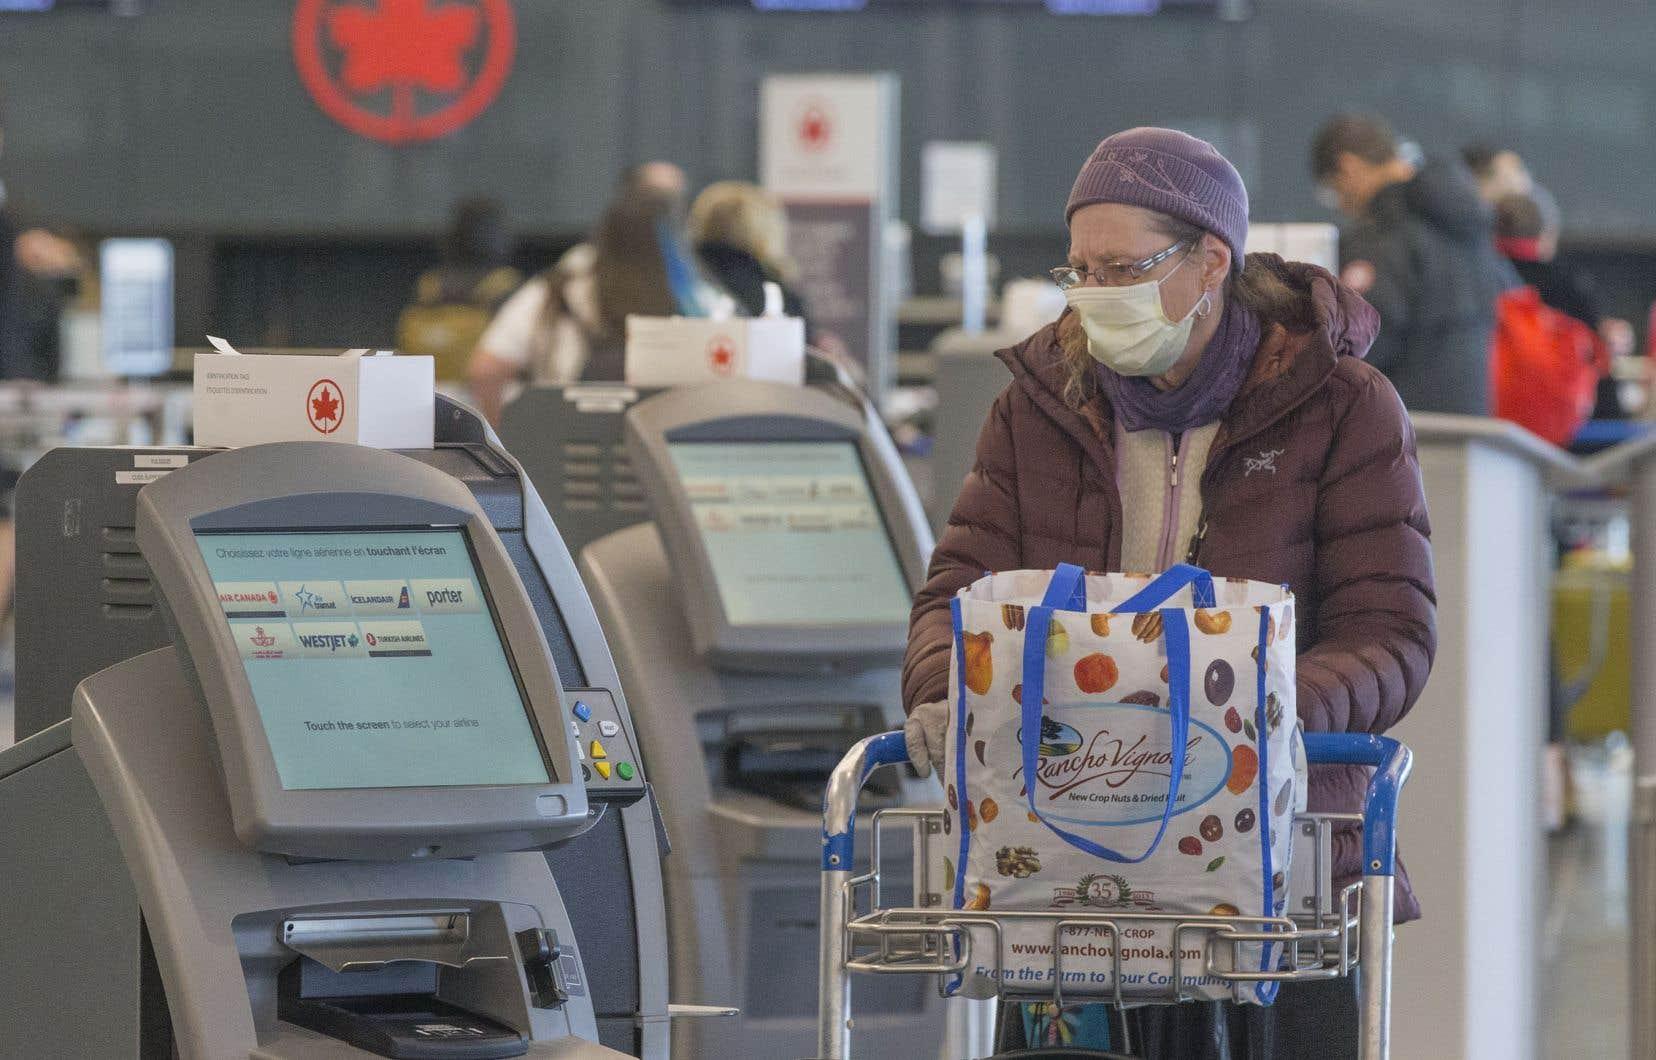 Les équipes de la Direction de santé publique de Montréal vont inciter les voyageurs à respecter un isolement à la maison de 14 jours et les informer des consignes à suivre en matière d'hygiène à l'aéroport Montréal-Trudeau.